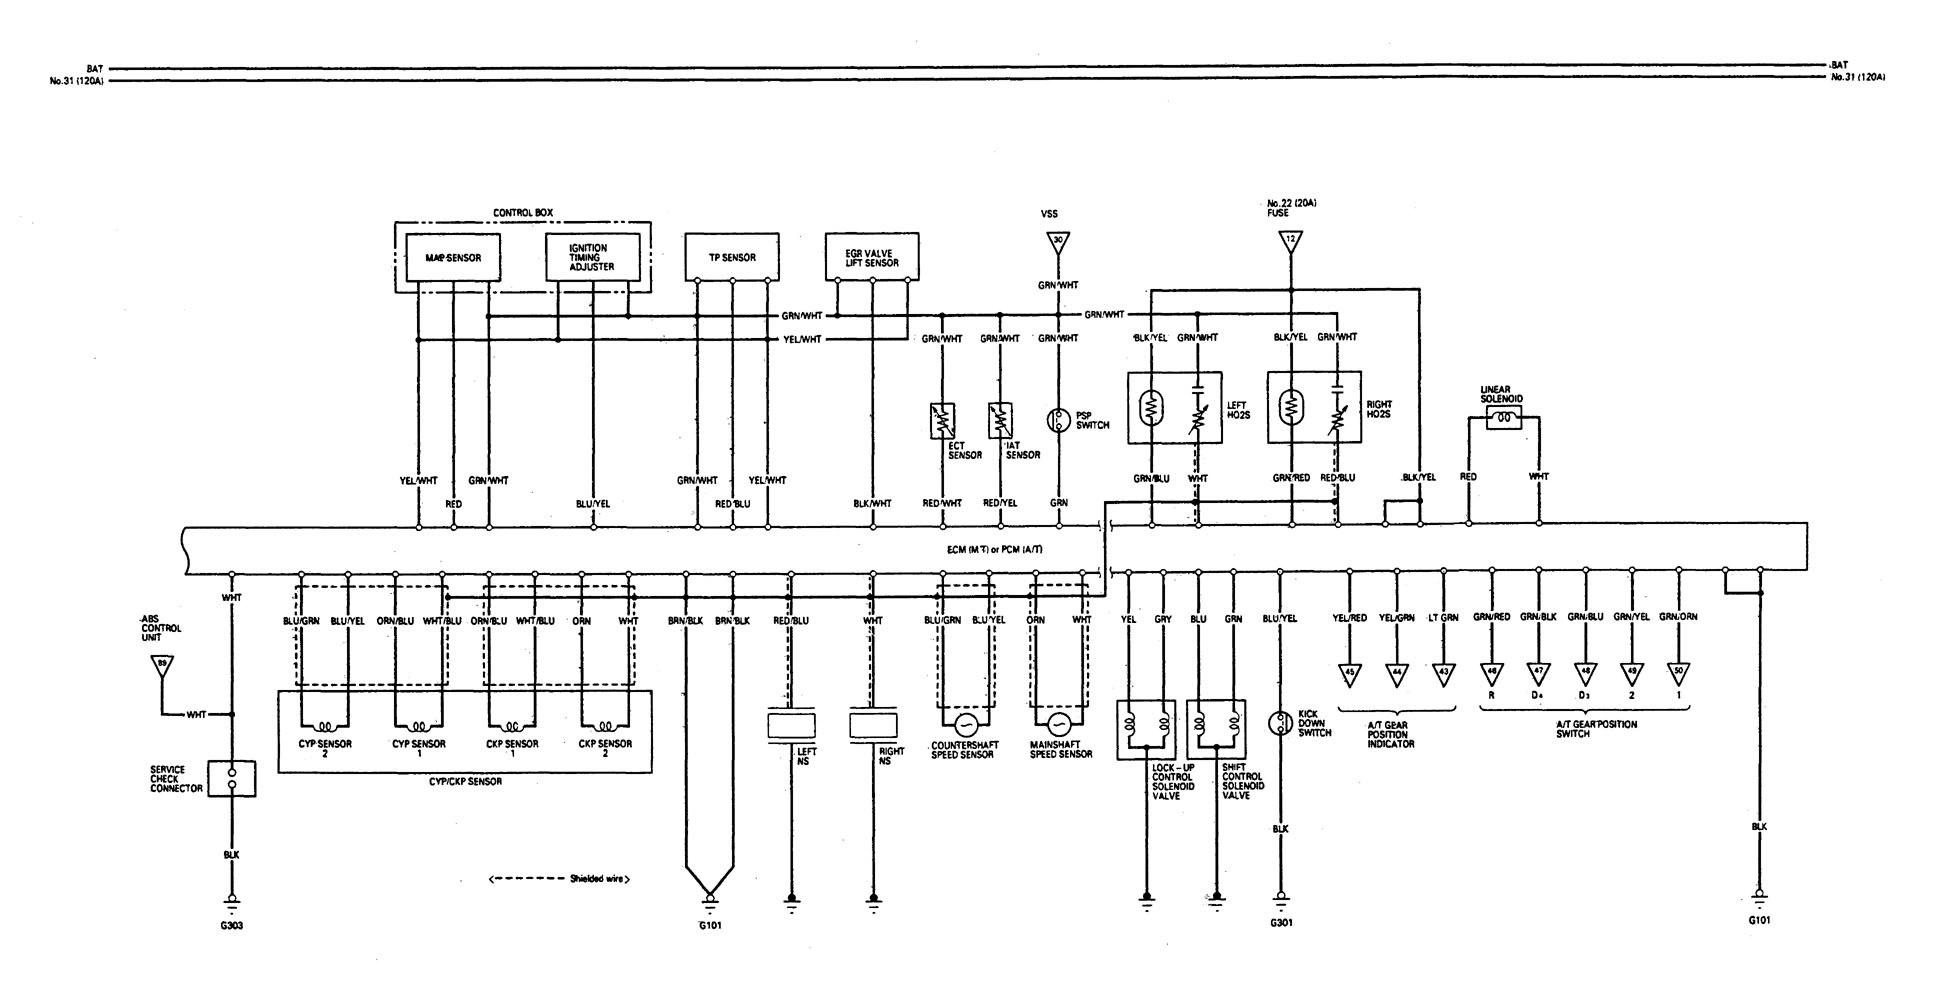 93 Prelude Fuse Box Miata Fuse Box Wiring Diagram